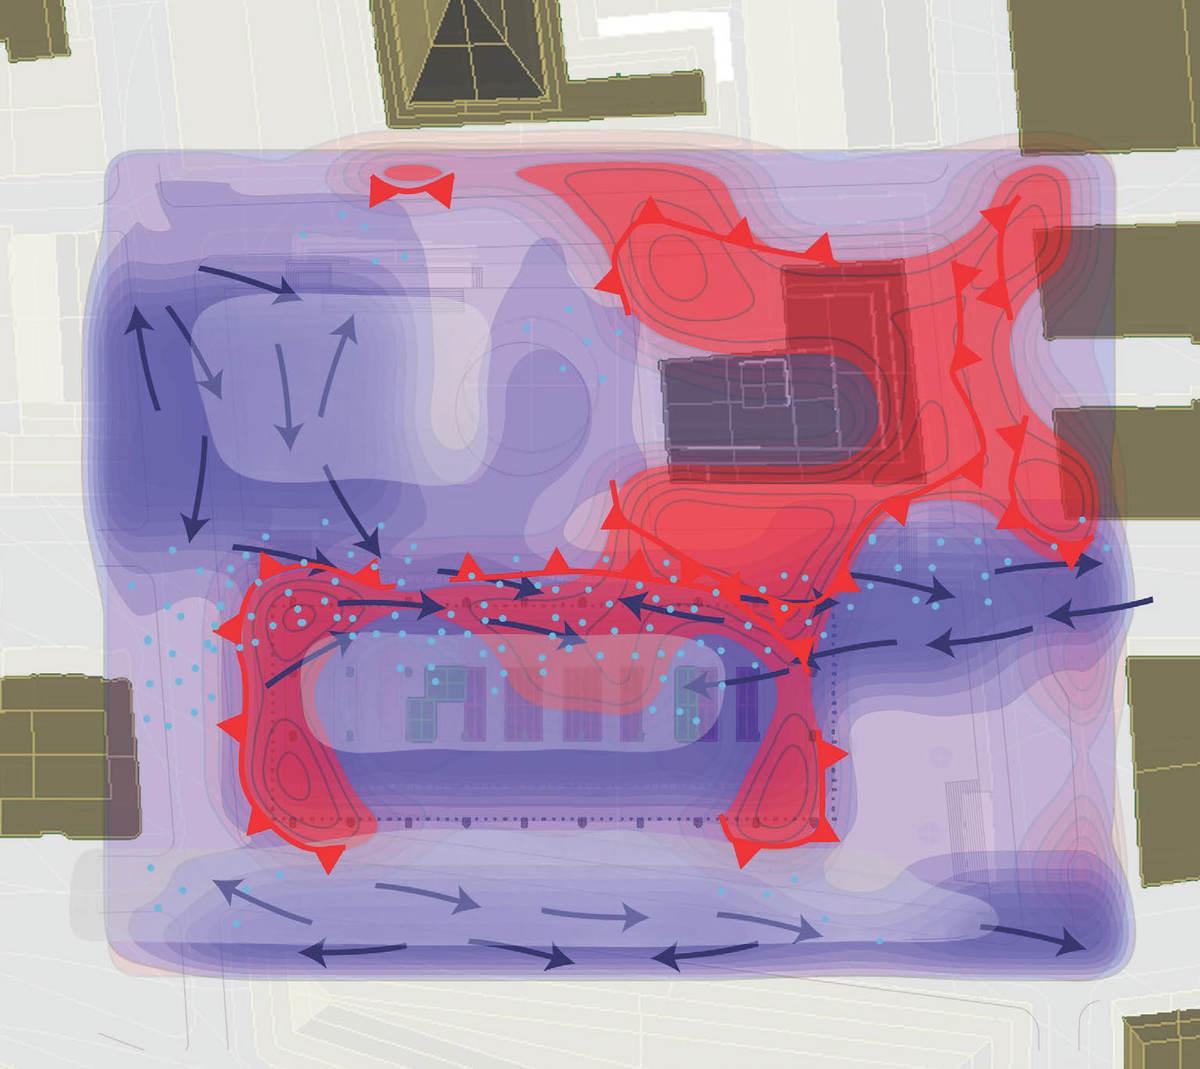 Map, interaction of intensities, of focus.